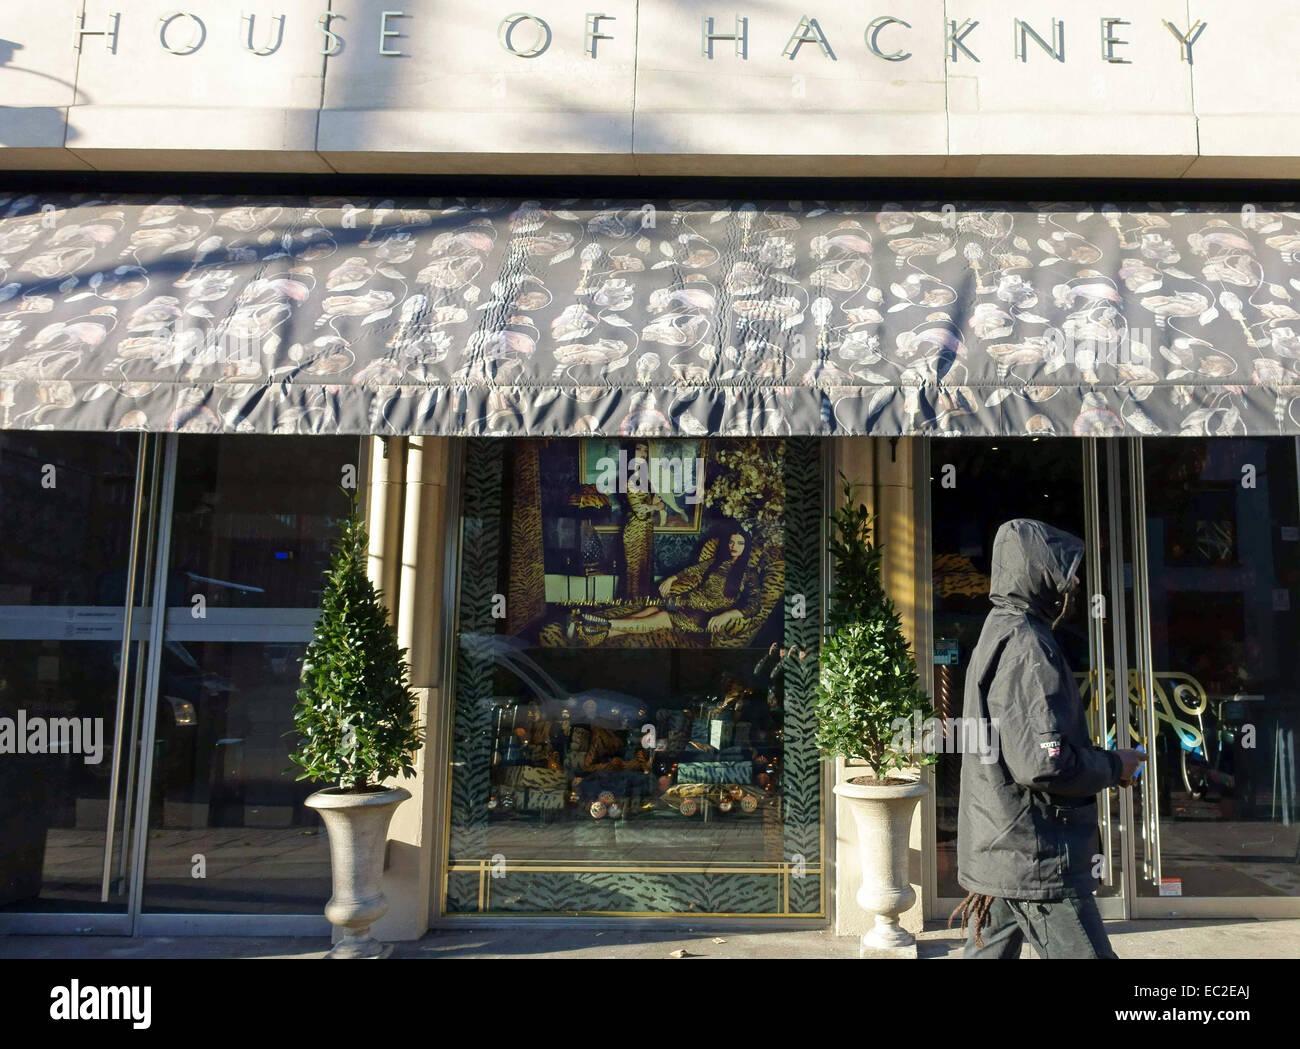 Haus Von Hackney Innenarchitektur Und Möbel Shop, Shoreditch High Street,  London Stockbild